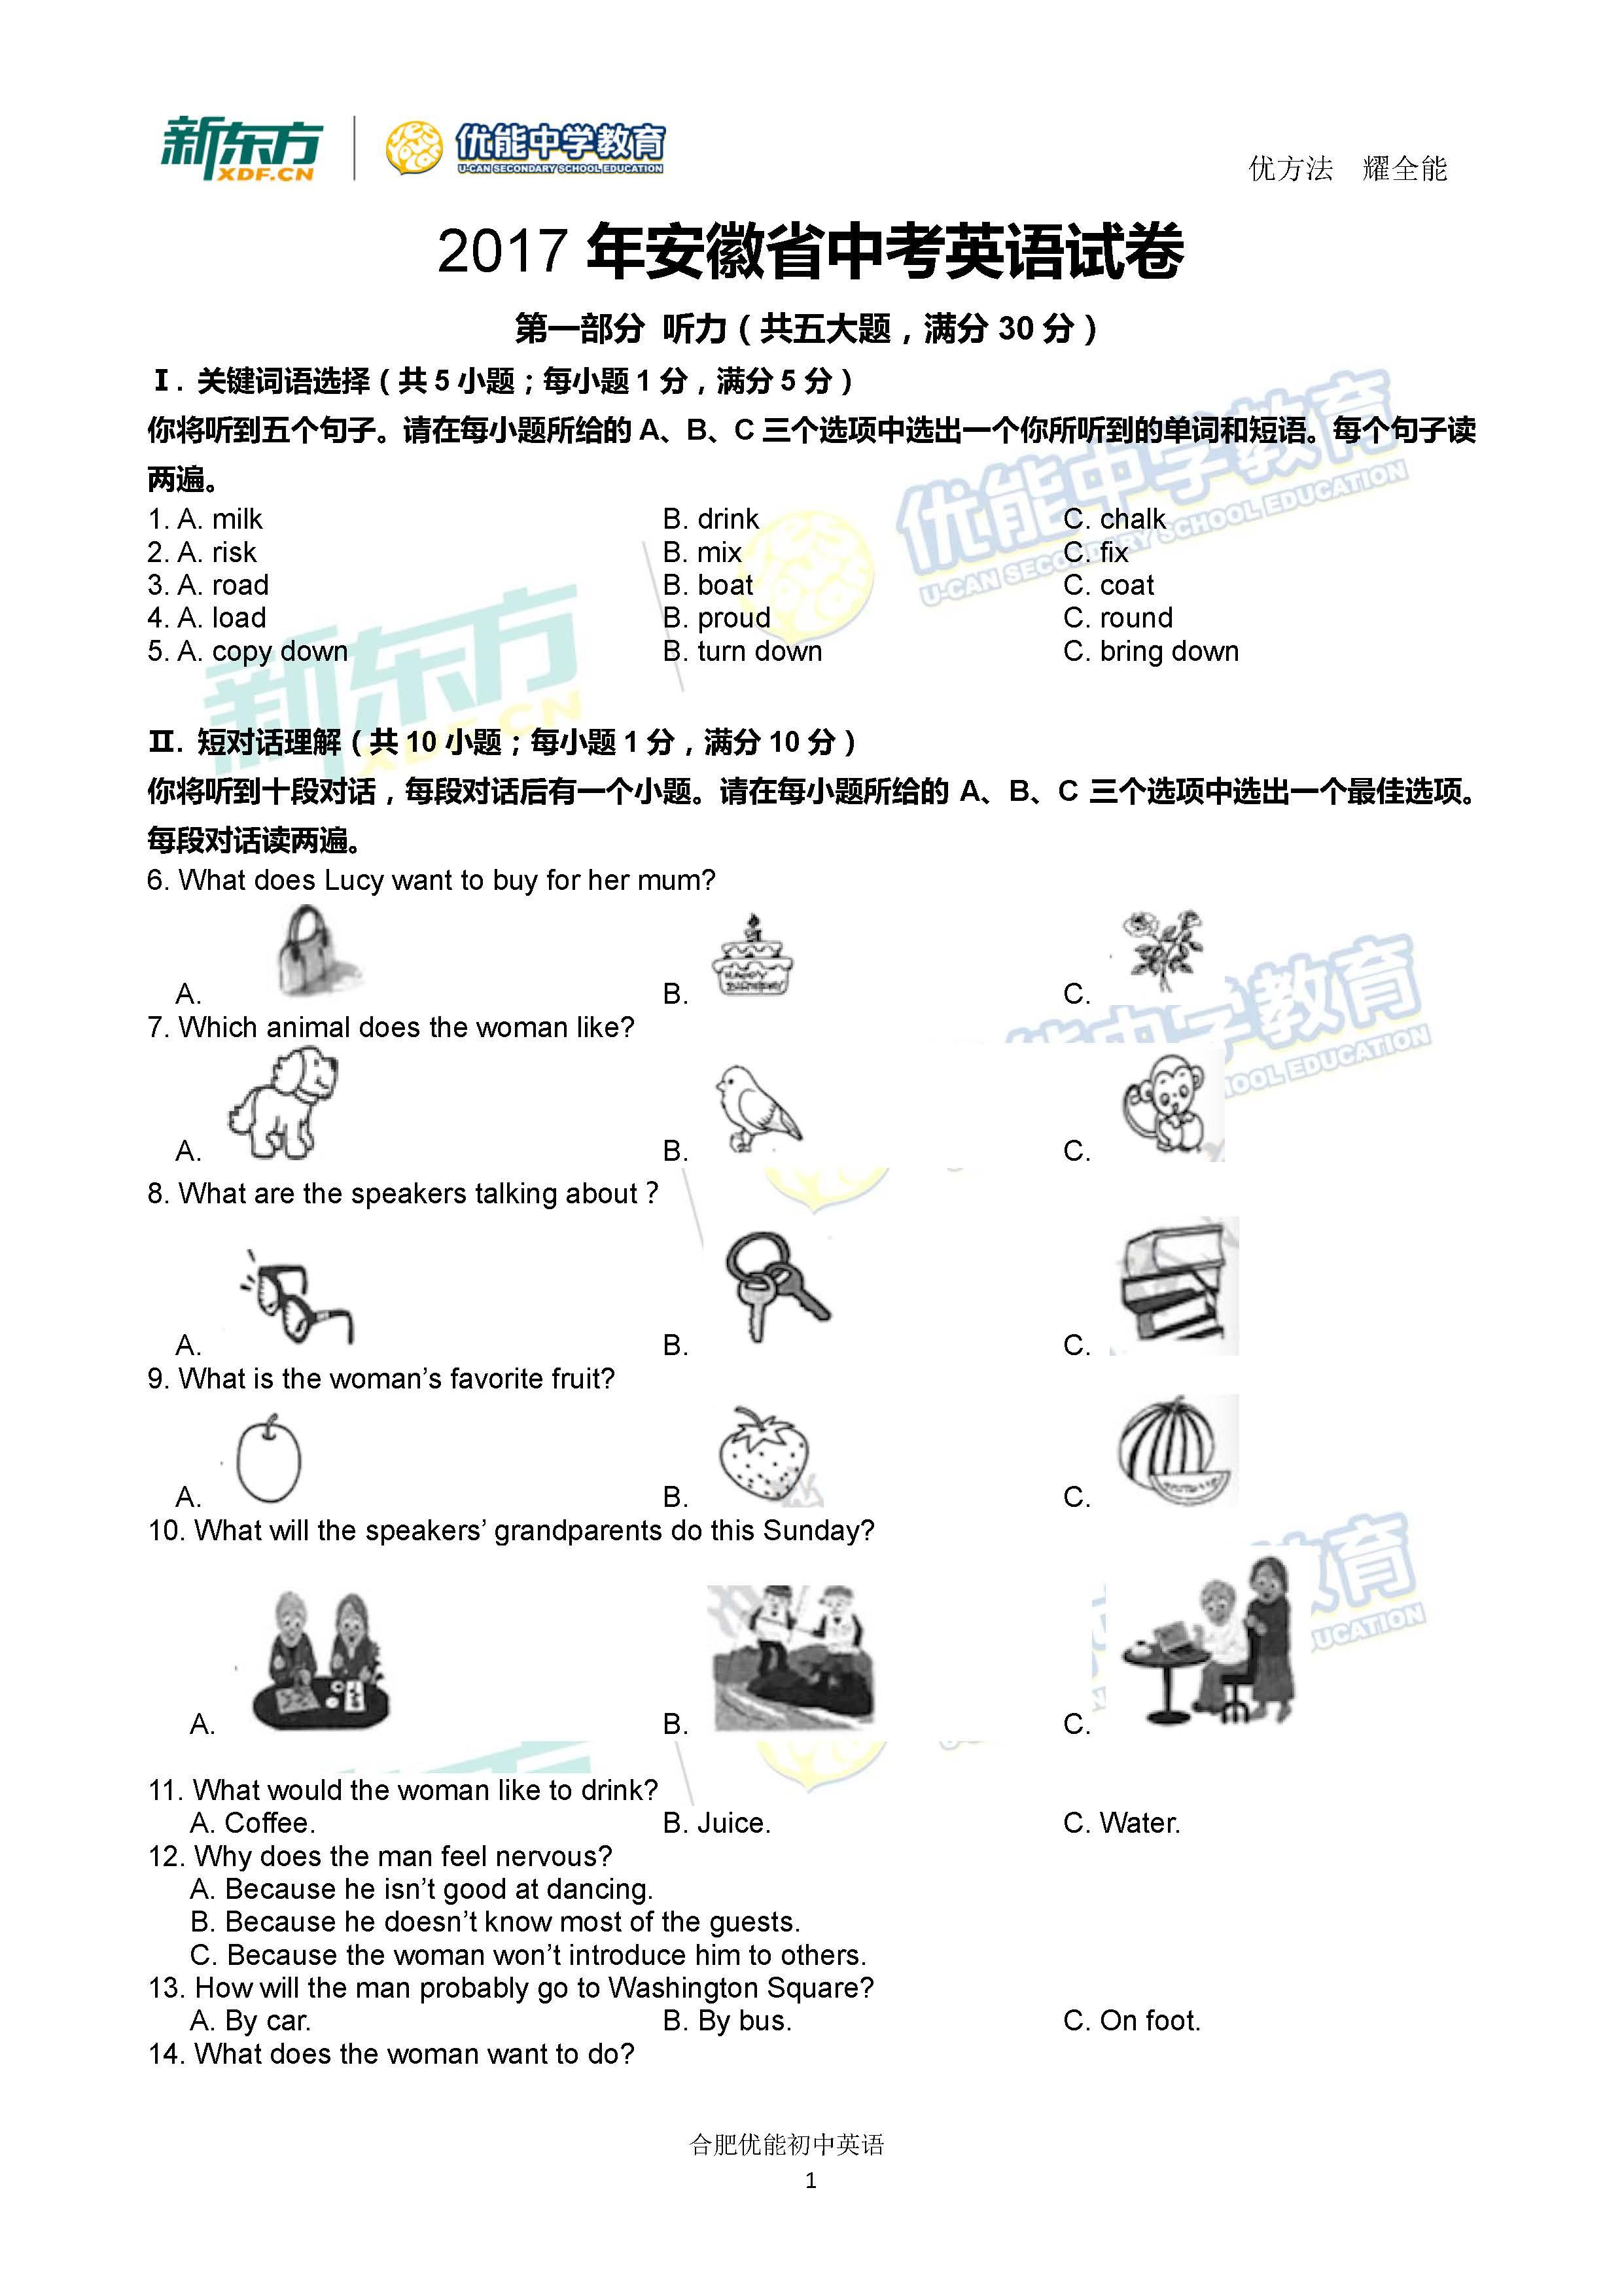 新东方名师逐题解析2017安徽中考英语答案(合肥新东方学校)